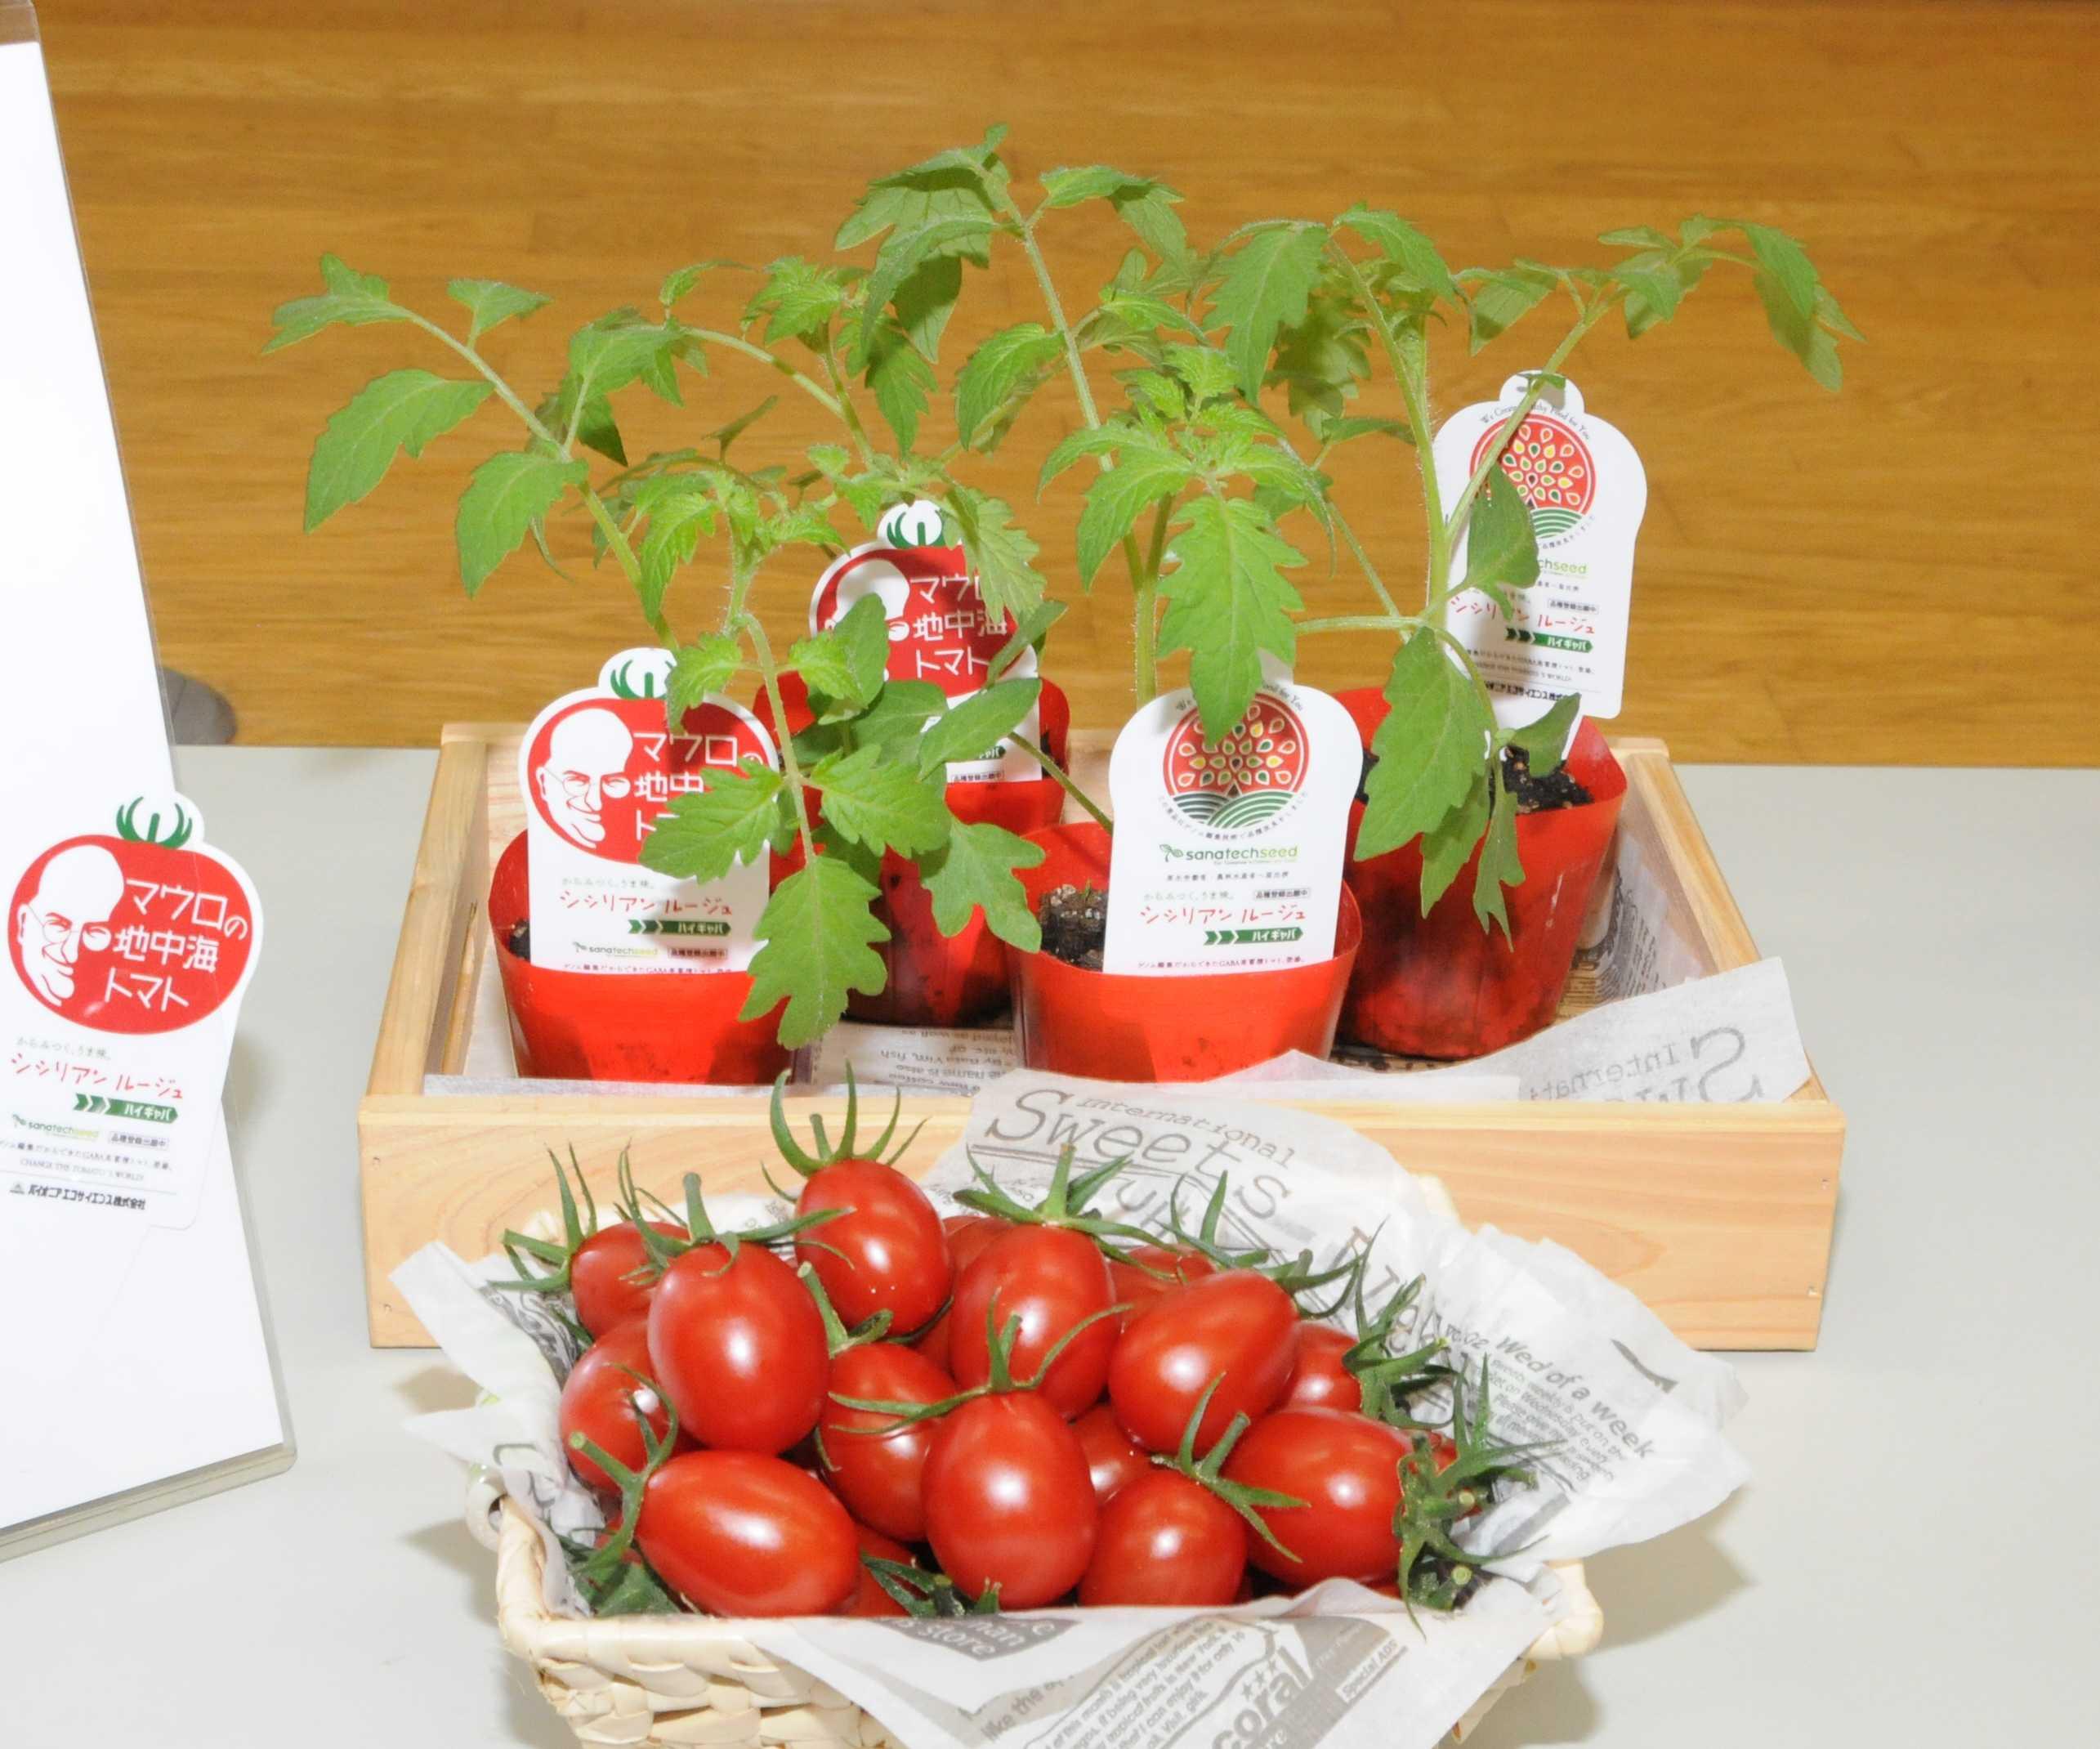 Томаты Sicilian Rouge High GABA, созданные с помощью CRISPR, одобрены для продажи в Японии